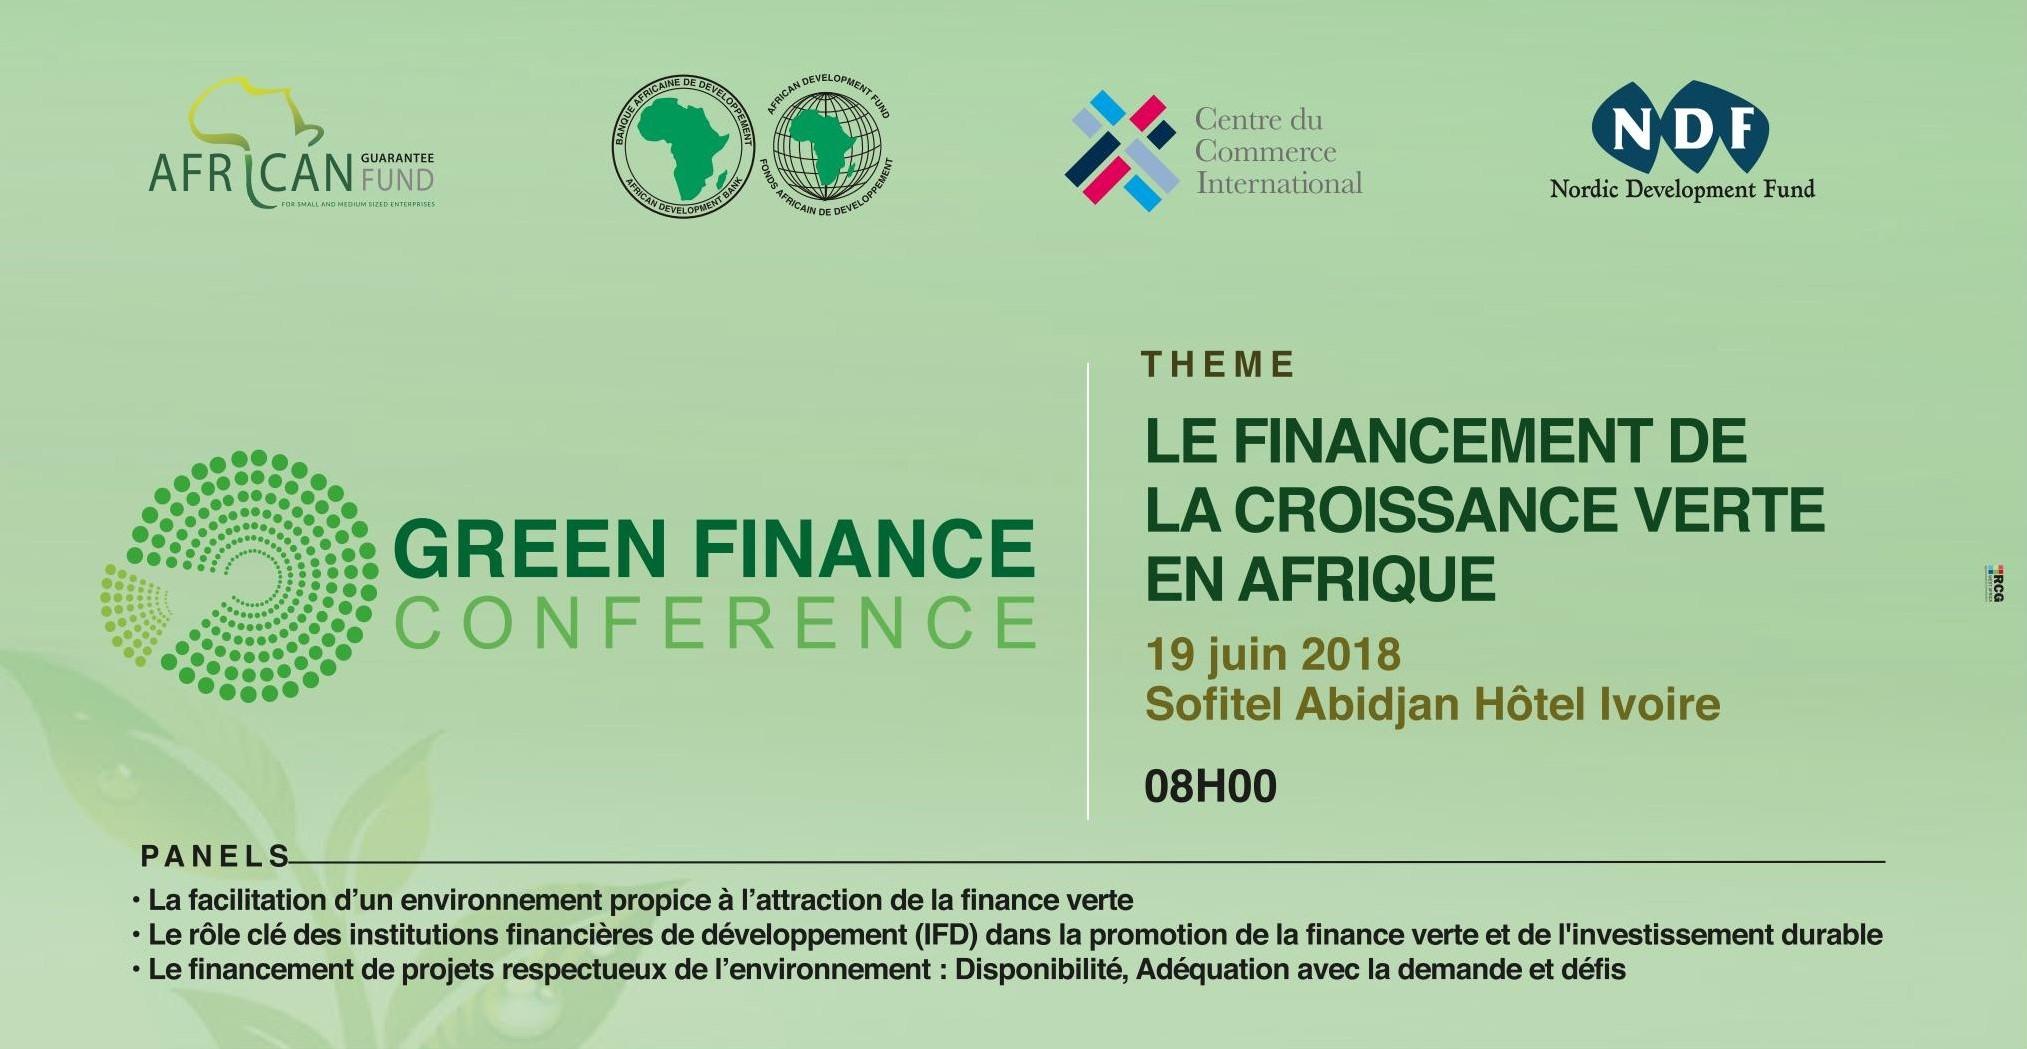 Green Finance Conference Le Financement Des Pme Au Cœur De La